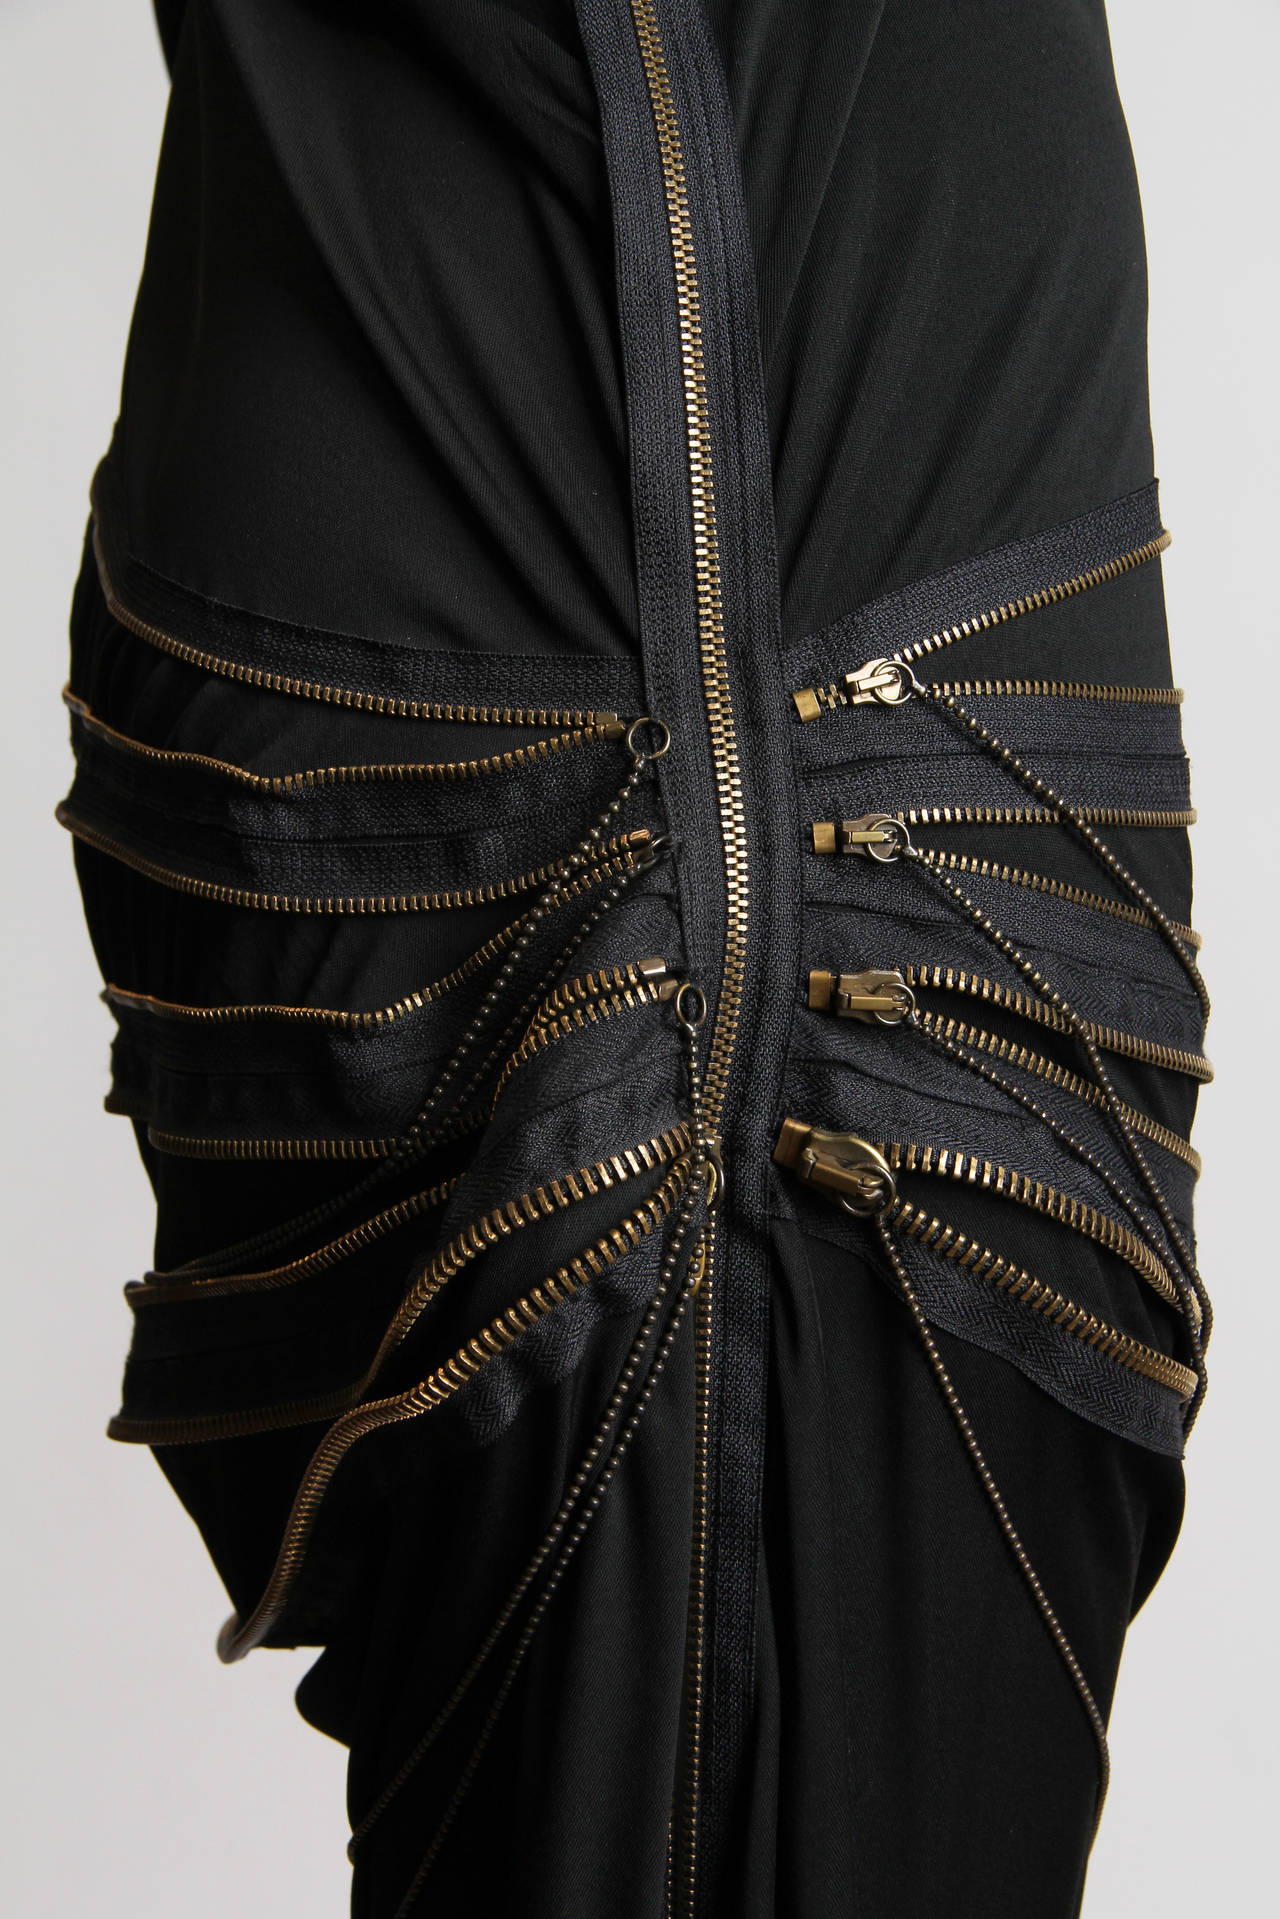 Jean Paul Gaultier Jersey Zipper Dress with Hood For Sale 3